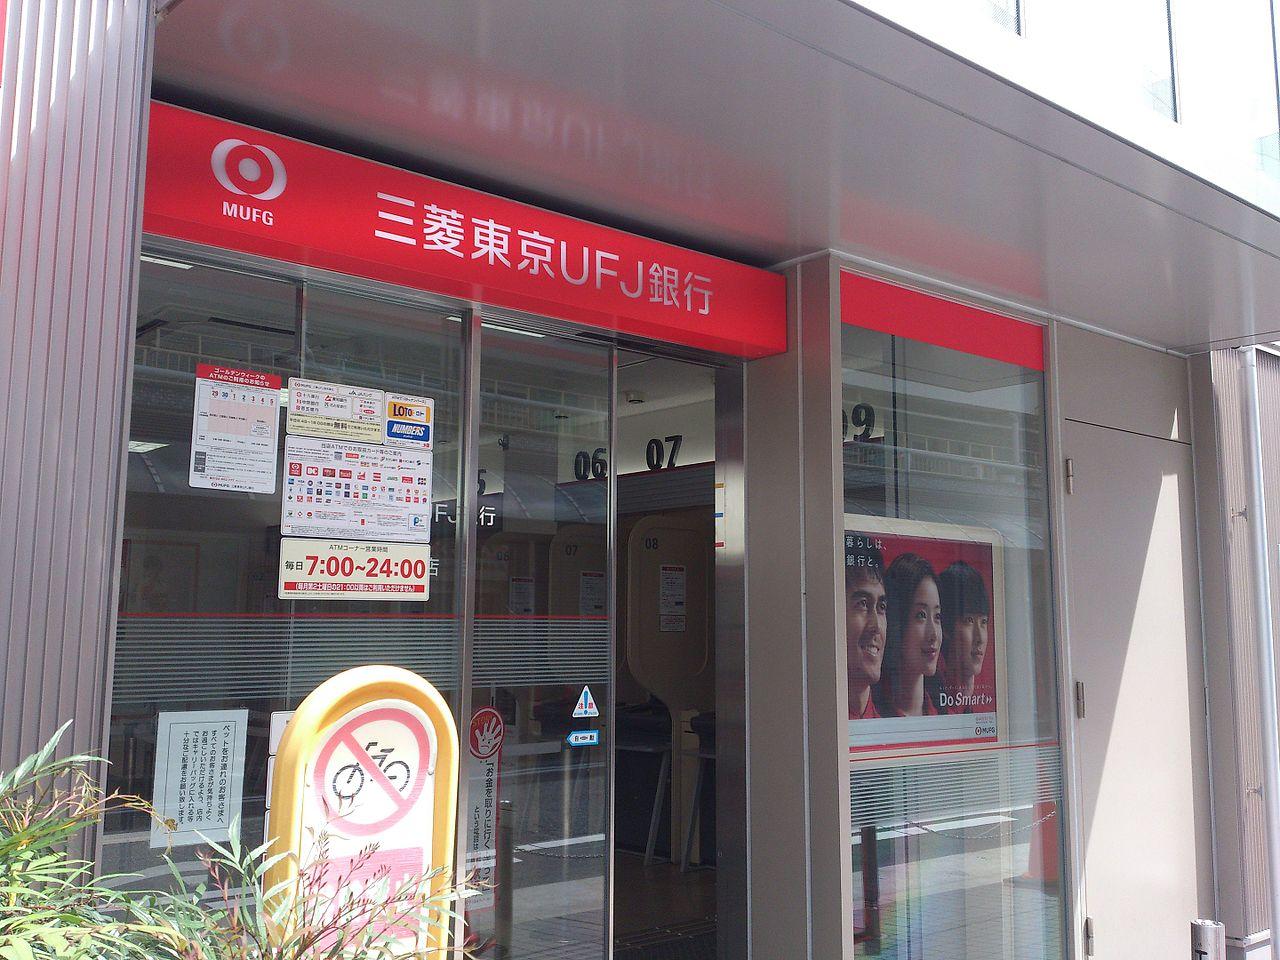 宝塚中山支店 | 三菱UFJ銀行 -